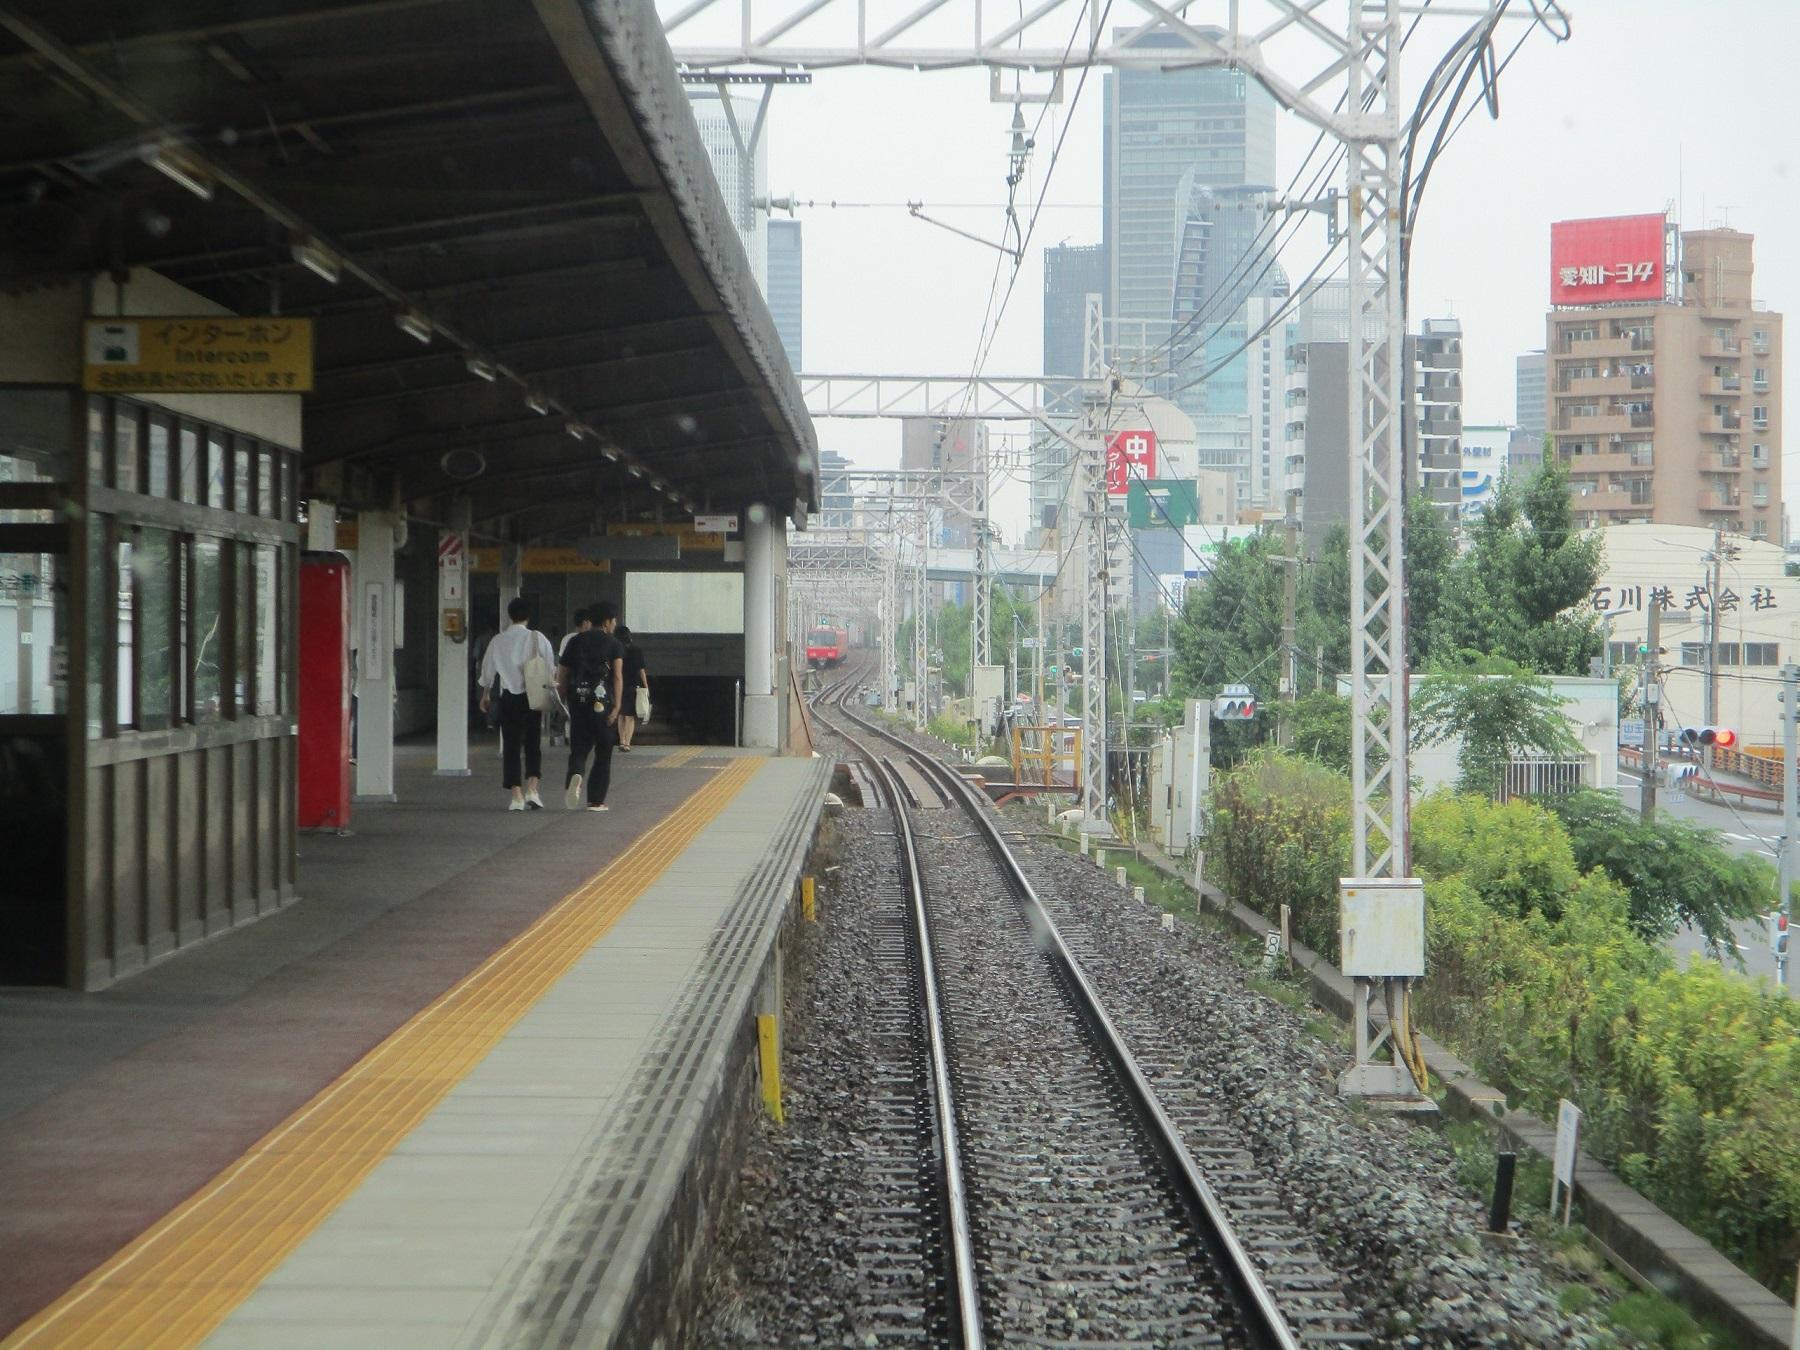 2020.7.3 (36) 豊橋いき急行 - 山王 1800-1350